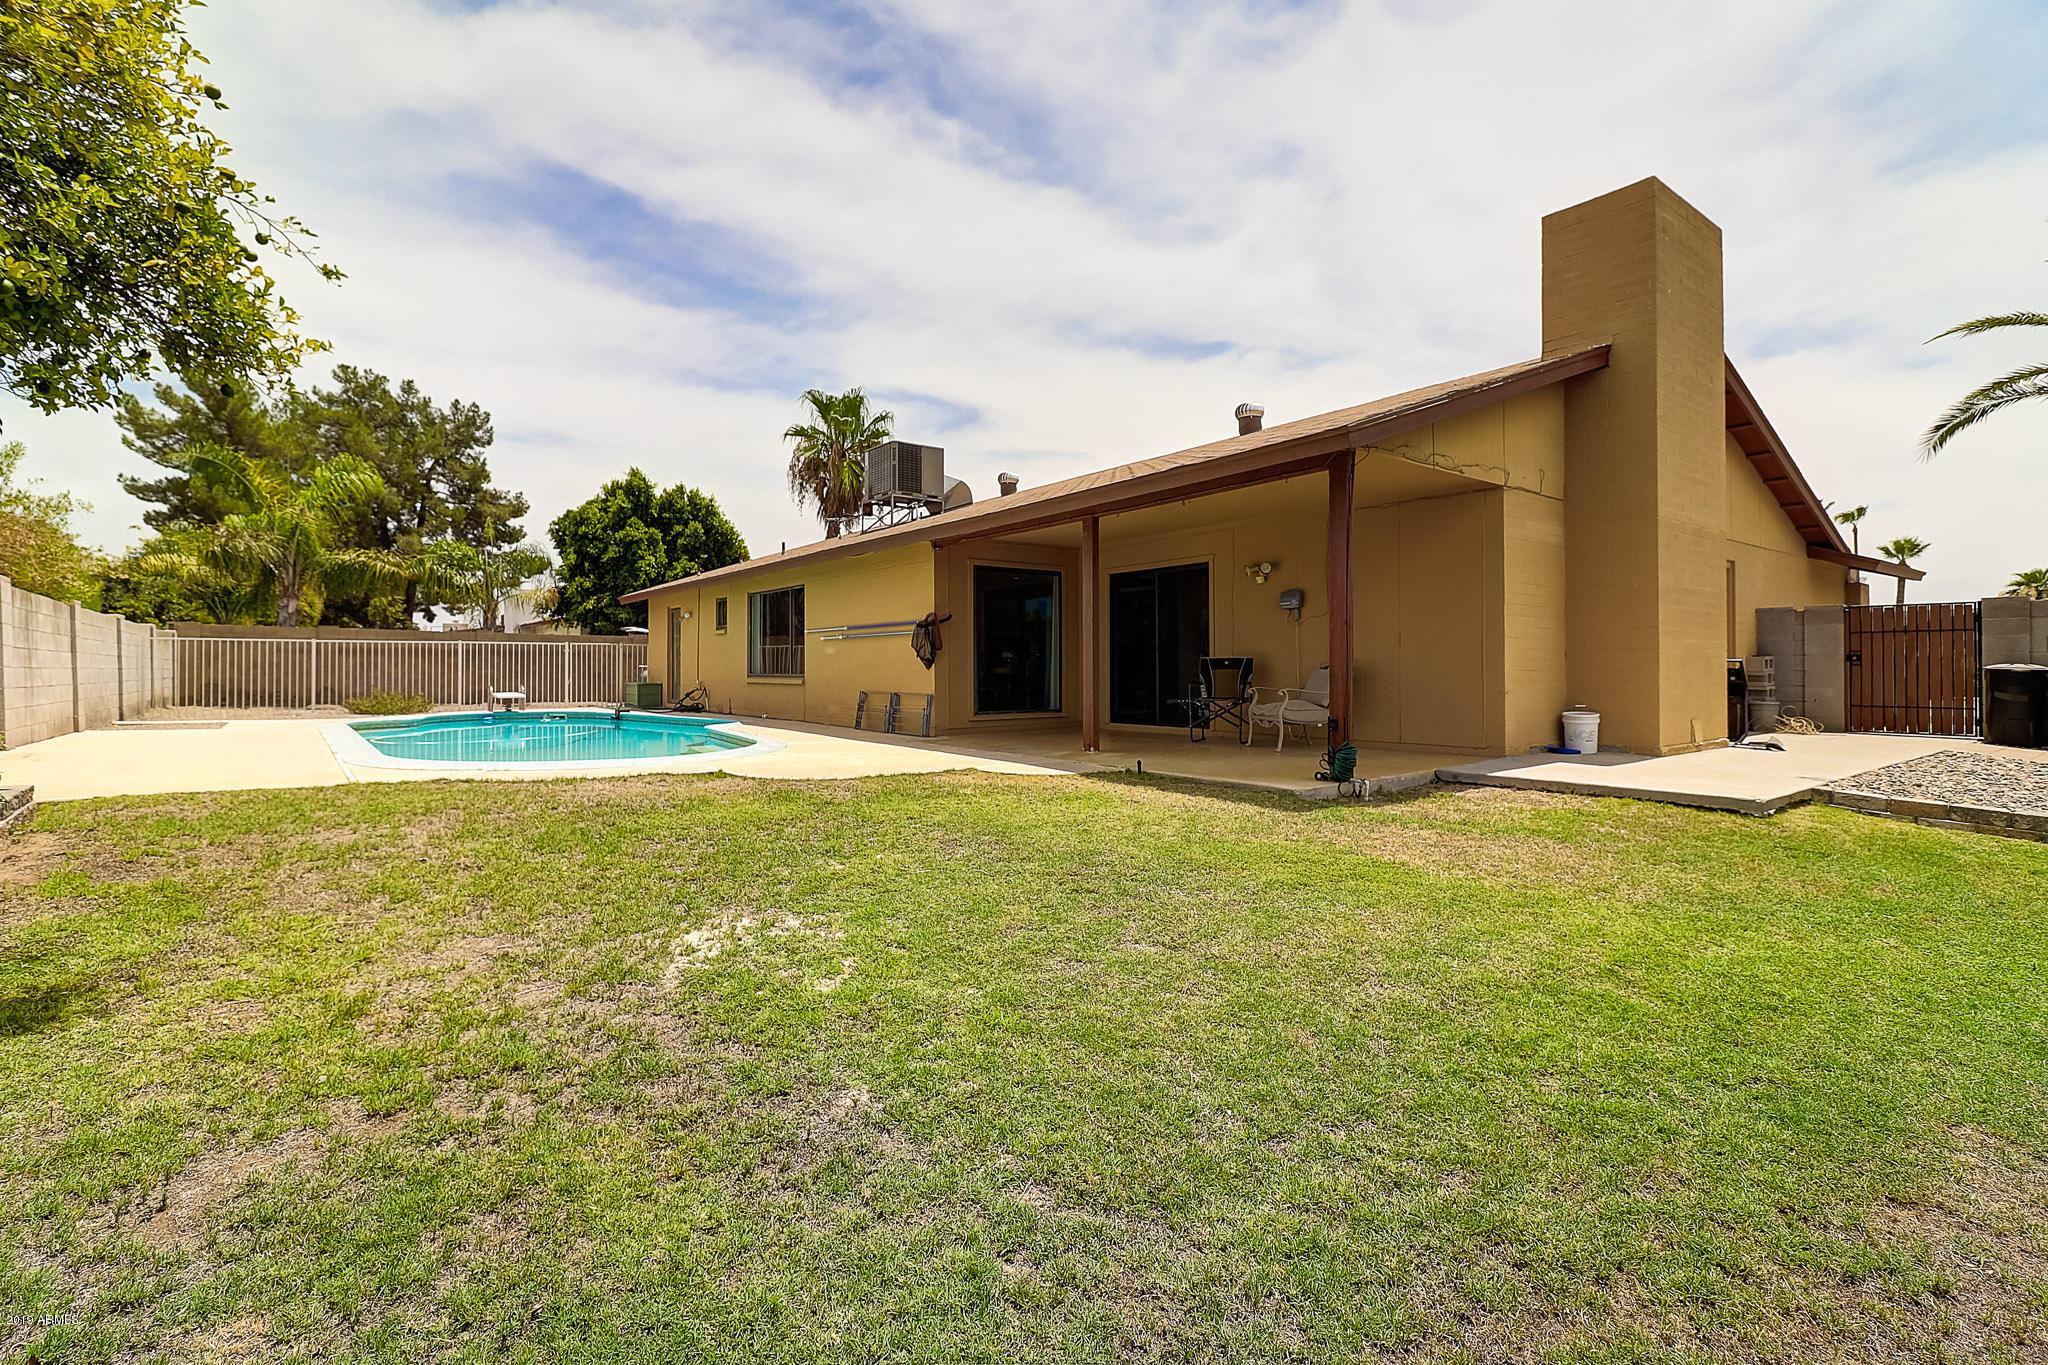 MLS 5954189 5302 E SHEENA Drive, Scottsdale, AZ 85254 Scottsdale AZ Private Pool